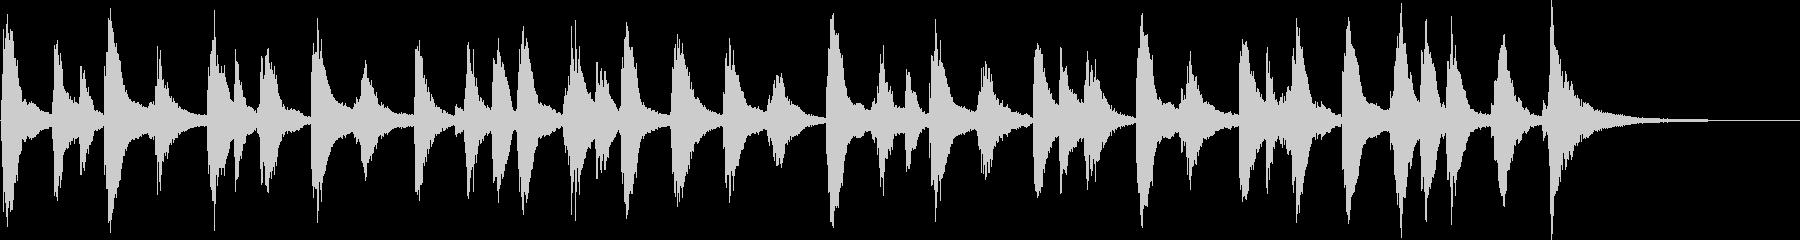 ゆるくて気の抜けた雰囲気のサウンドロゴの未再生の波形